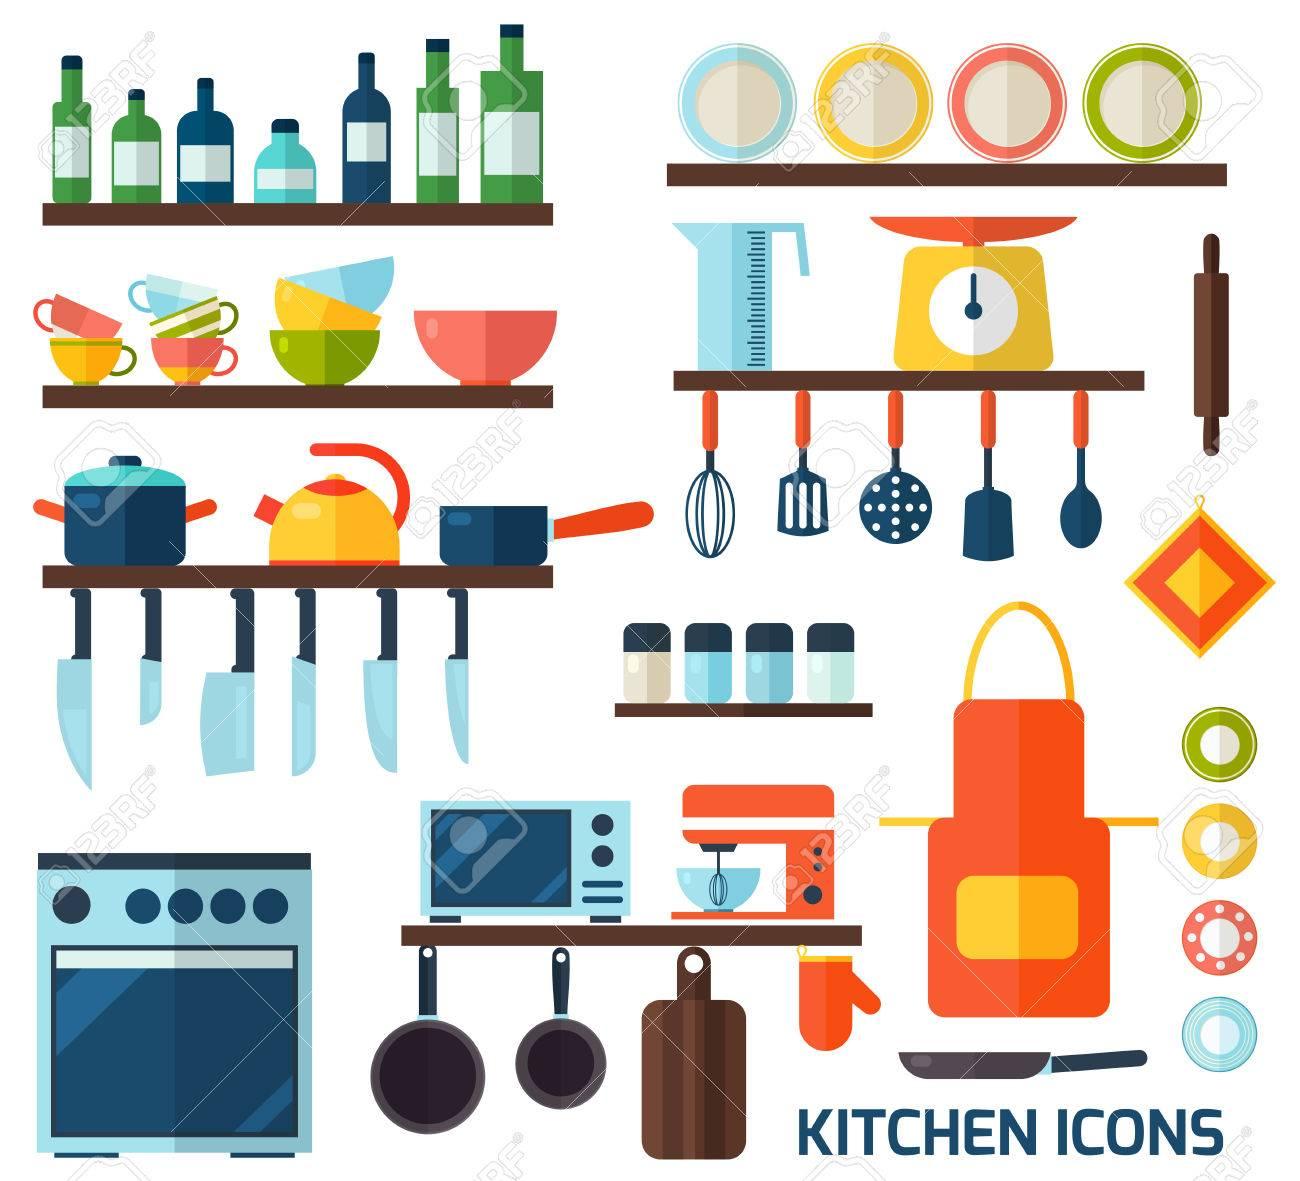 Kochen Werkzeuge Und Küchengeräte Symbolsammlung. Bunte Vorlage Zum ...